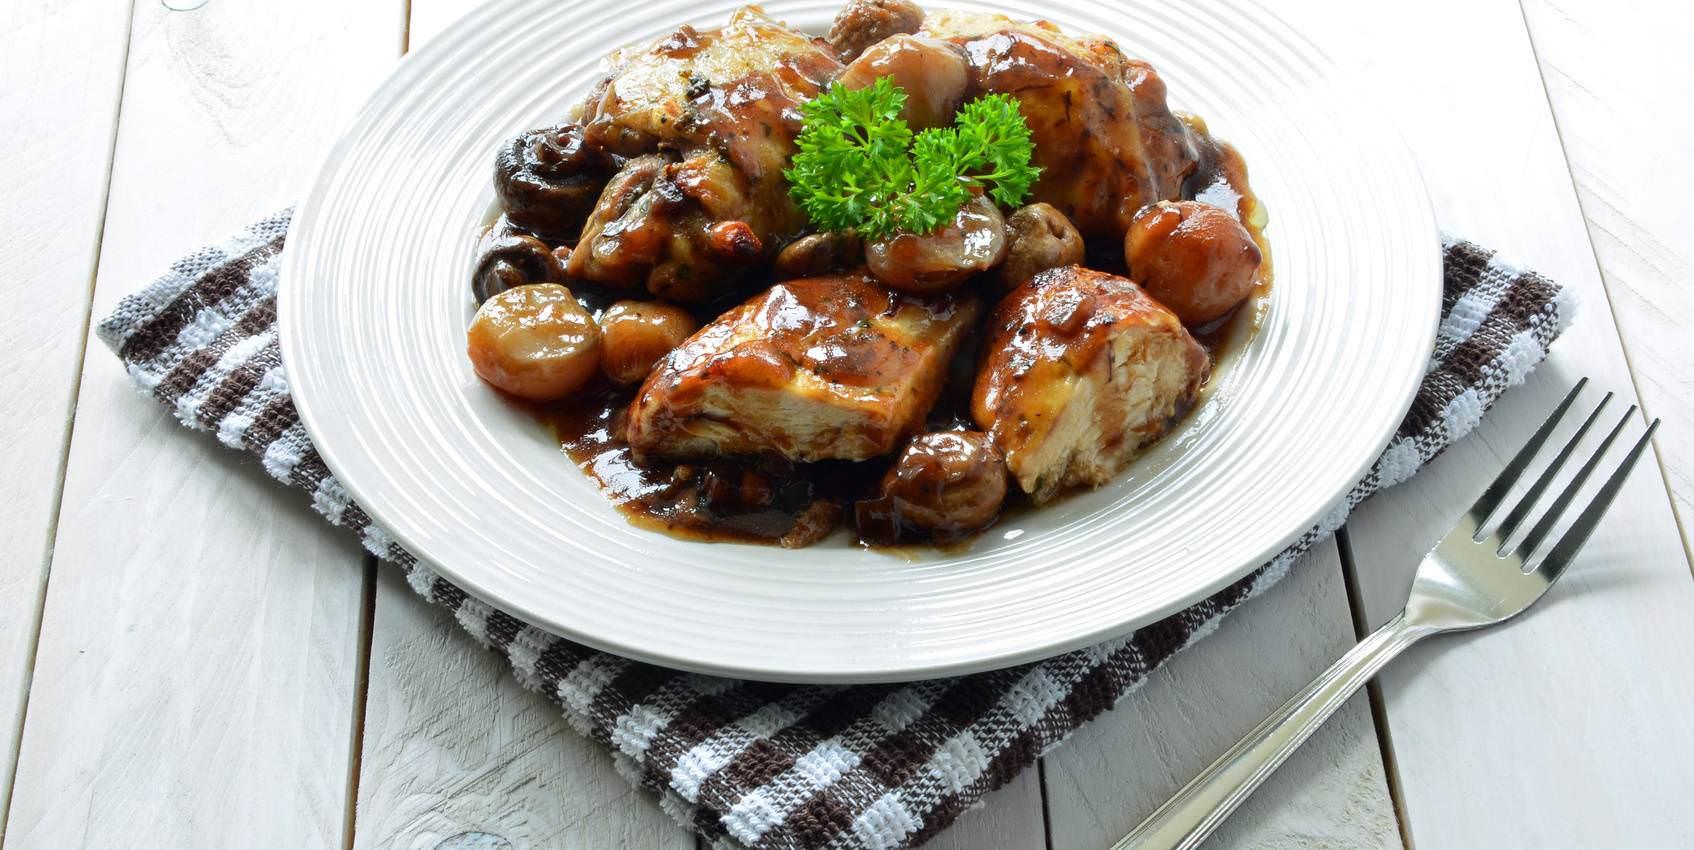 Coq au vin un tr s bon plat mijot s tradtionnel de la for Plat cuisine francaise